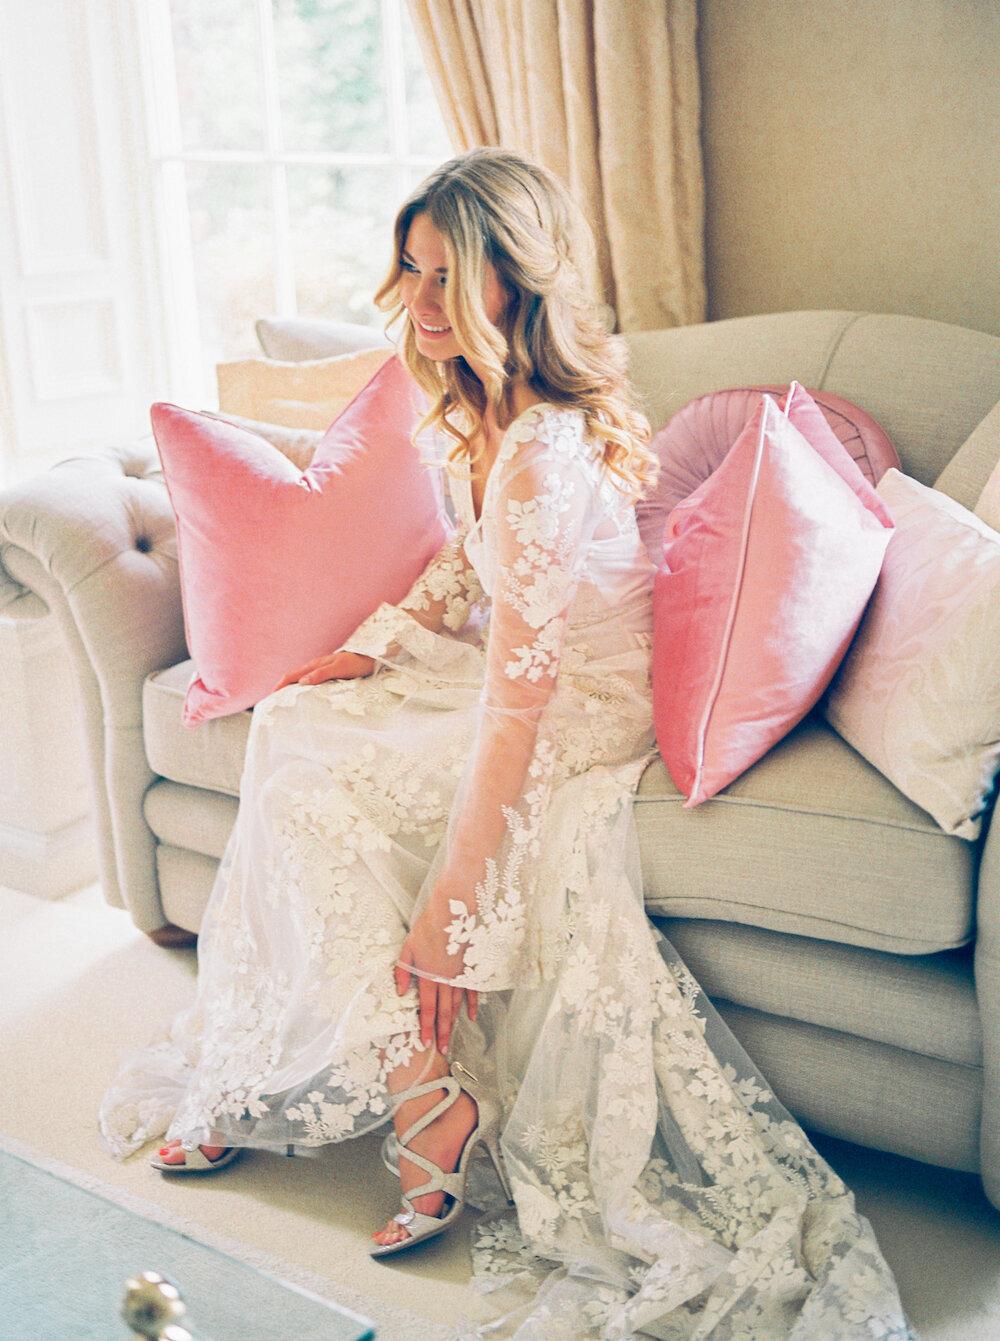 Best+Wedding+Planner+UK+_+Lily+&+Sage+_+My+Wedding+Planner+Journey+-+The+Best+Luxury+Wedding+Dress+Designers + Cotswolds Wedding Planner Blush Wedding Pale Pink Wedding Wedding Stylist 262.JPG